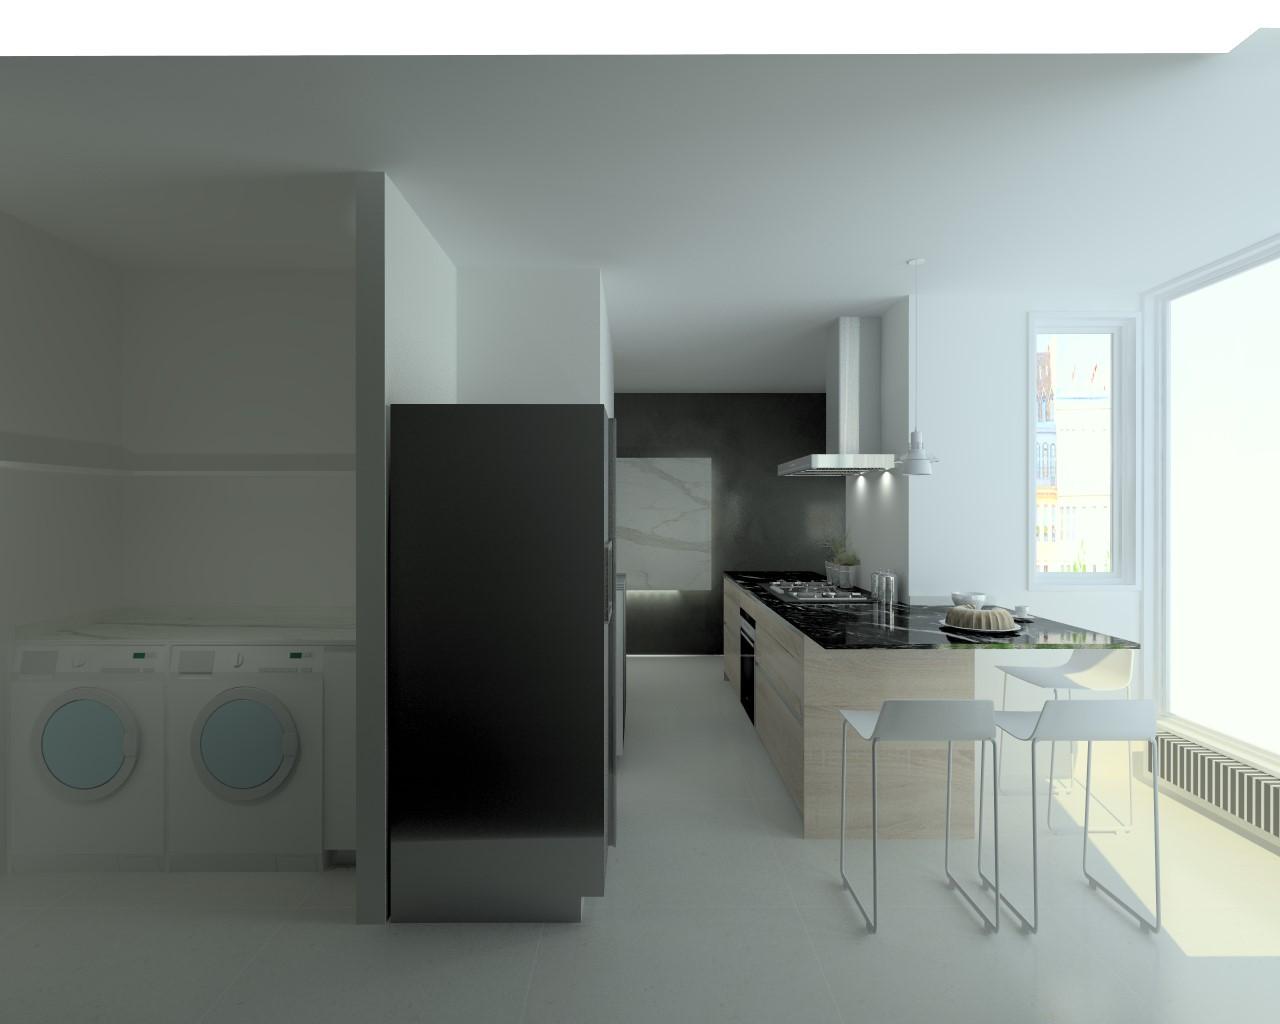 Encimera marmol cocina cocina santos modelo line laminado for Encimera de marmol precio